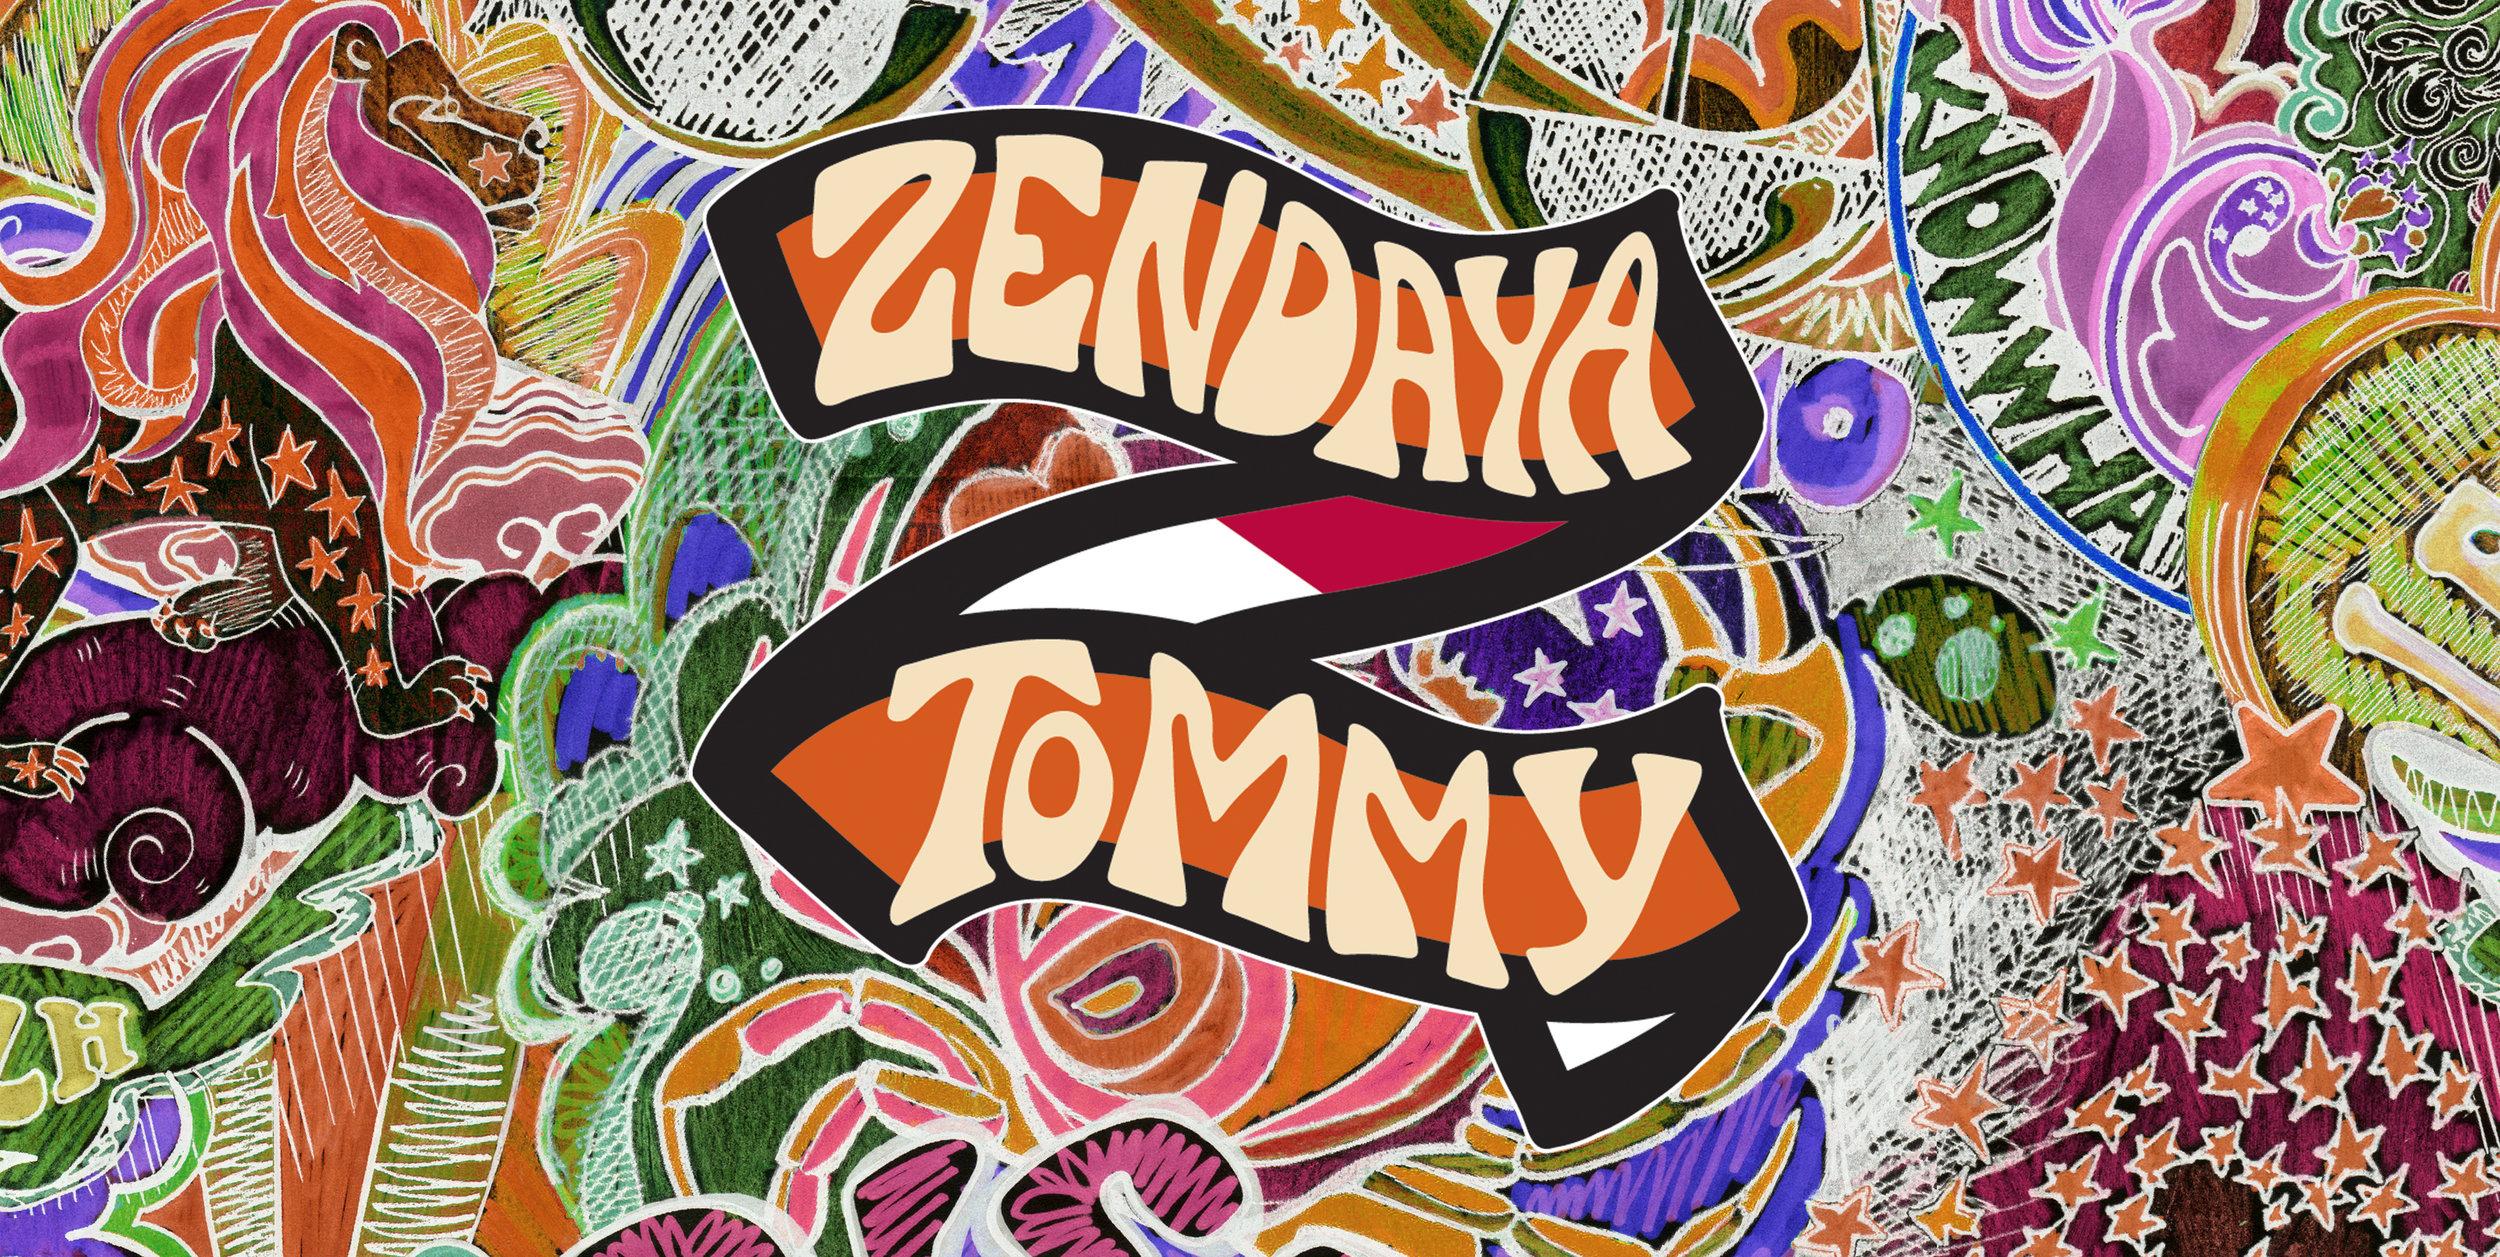 TOMMYxZENDAYA_Alejandra_Garibay_creative_2.jpg